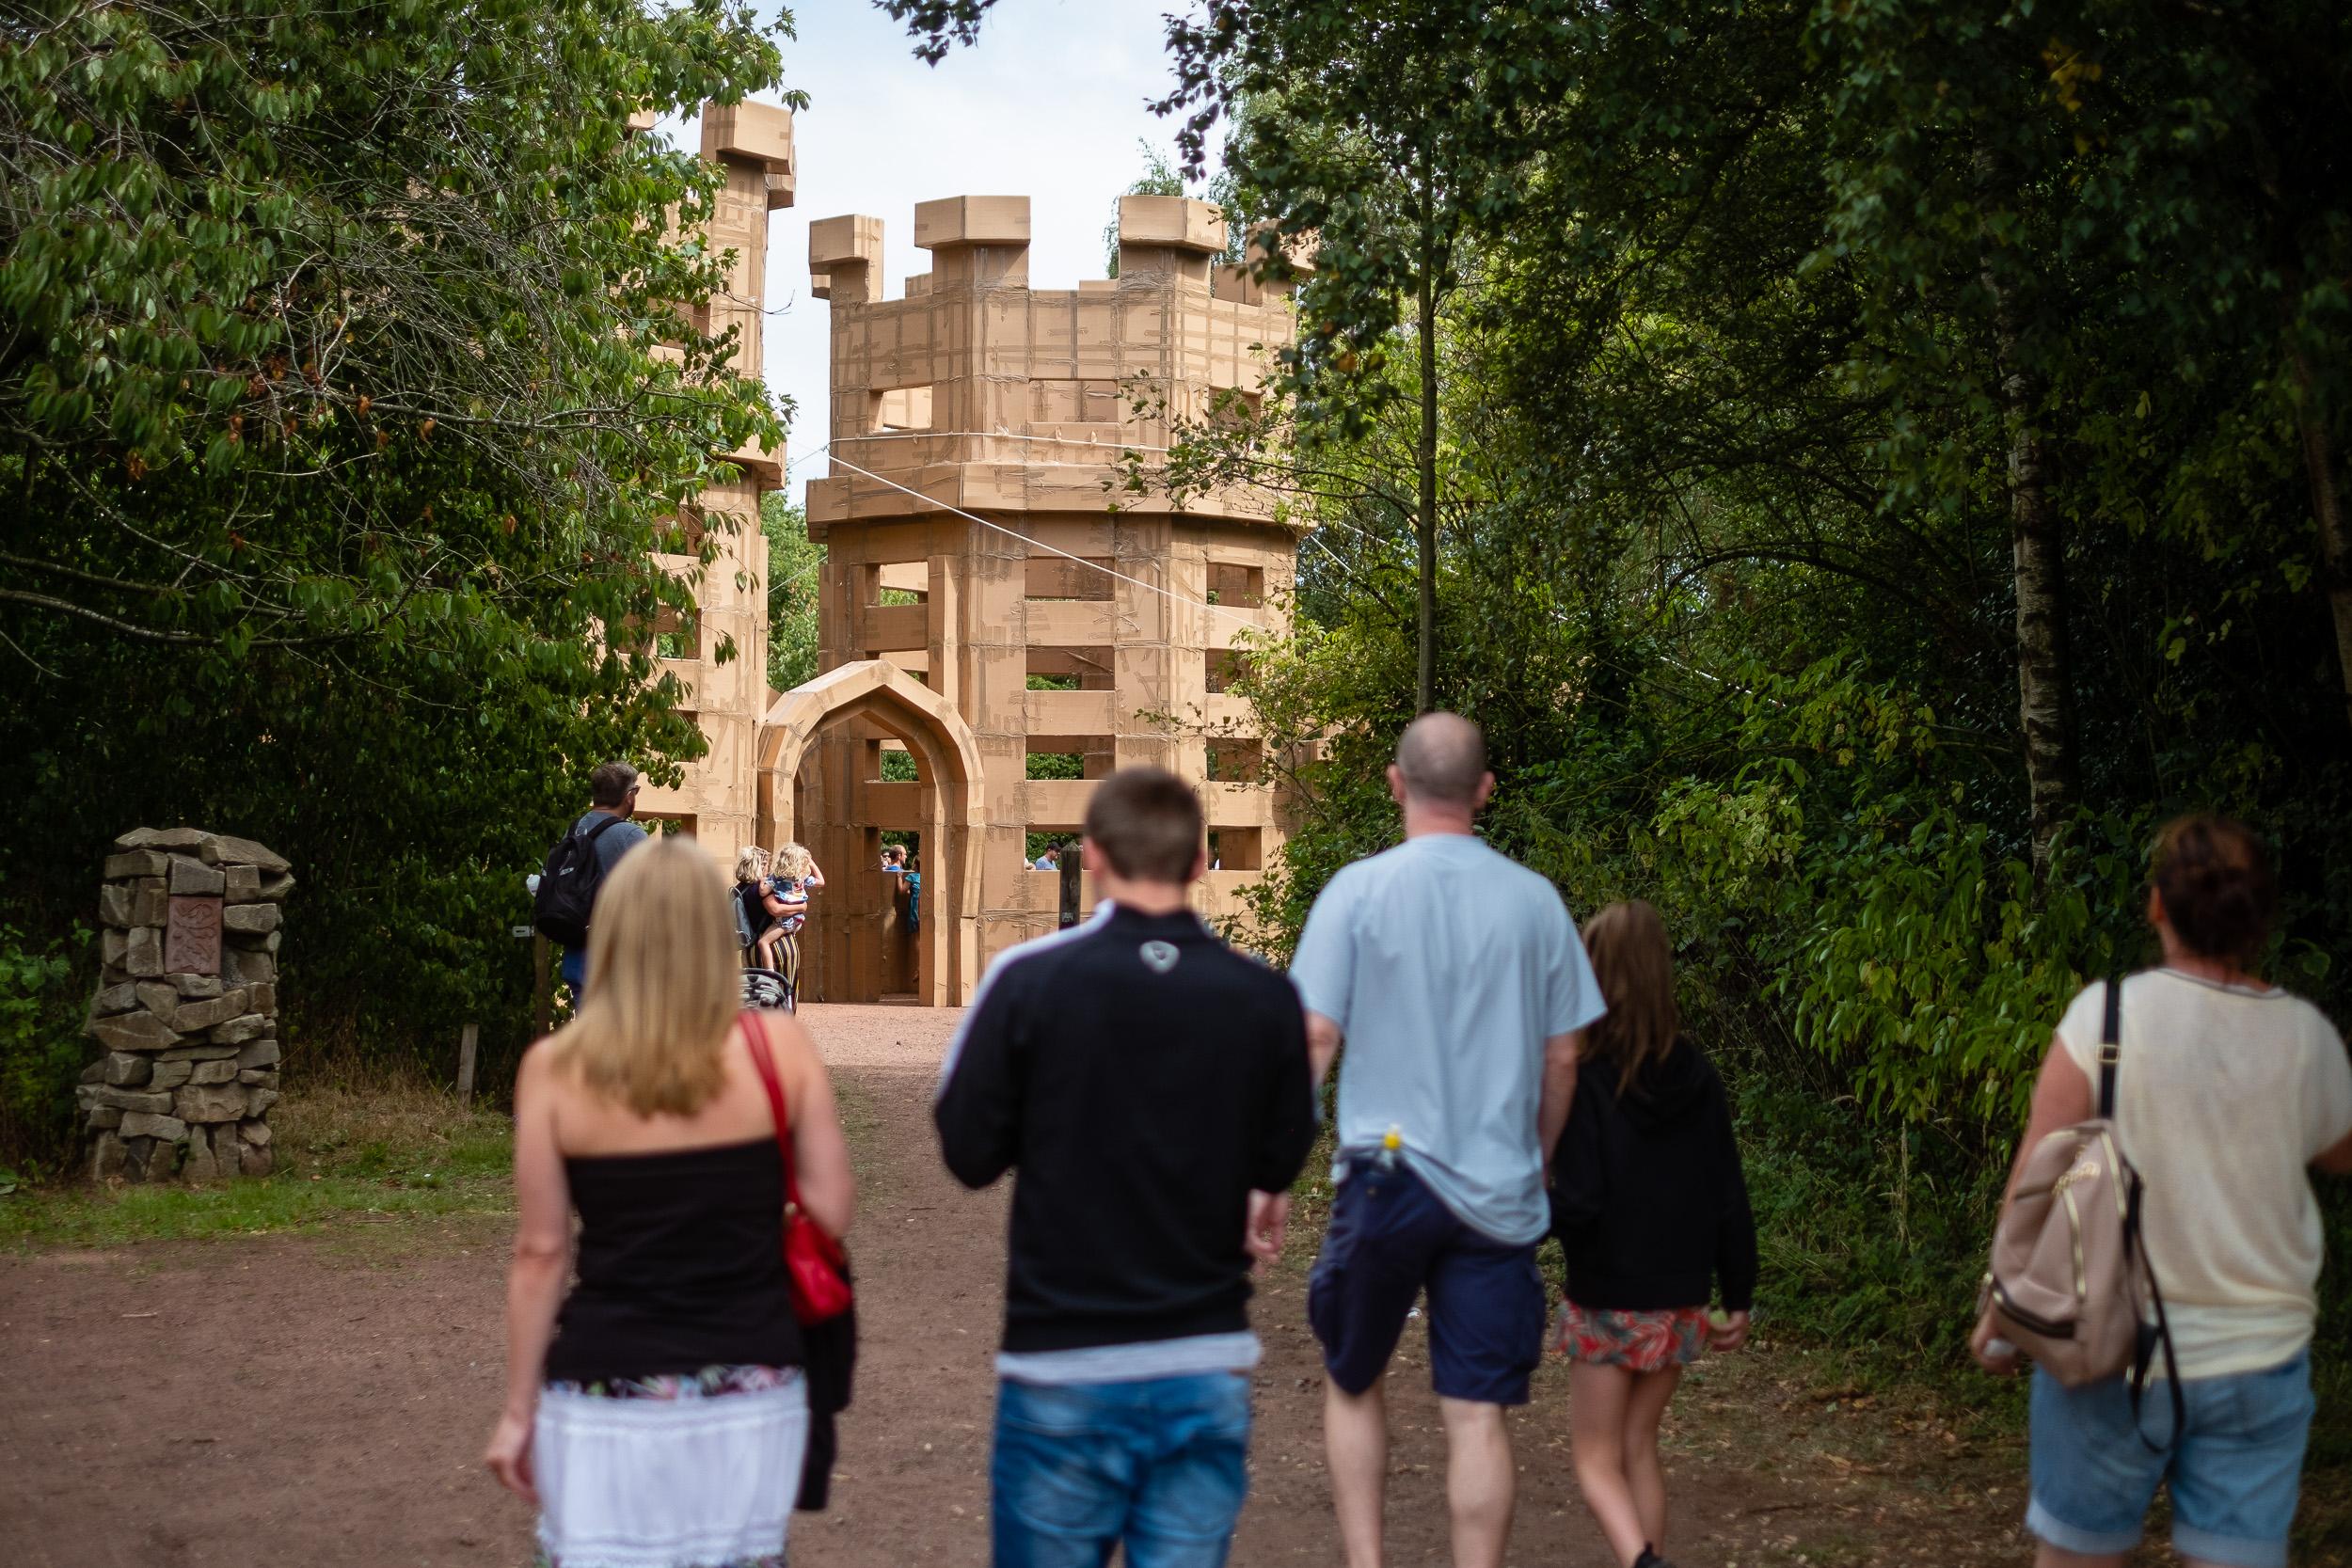 02-Lost-Castles-DSCF4129-pete-carr-pete-carr.jpg